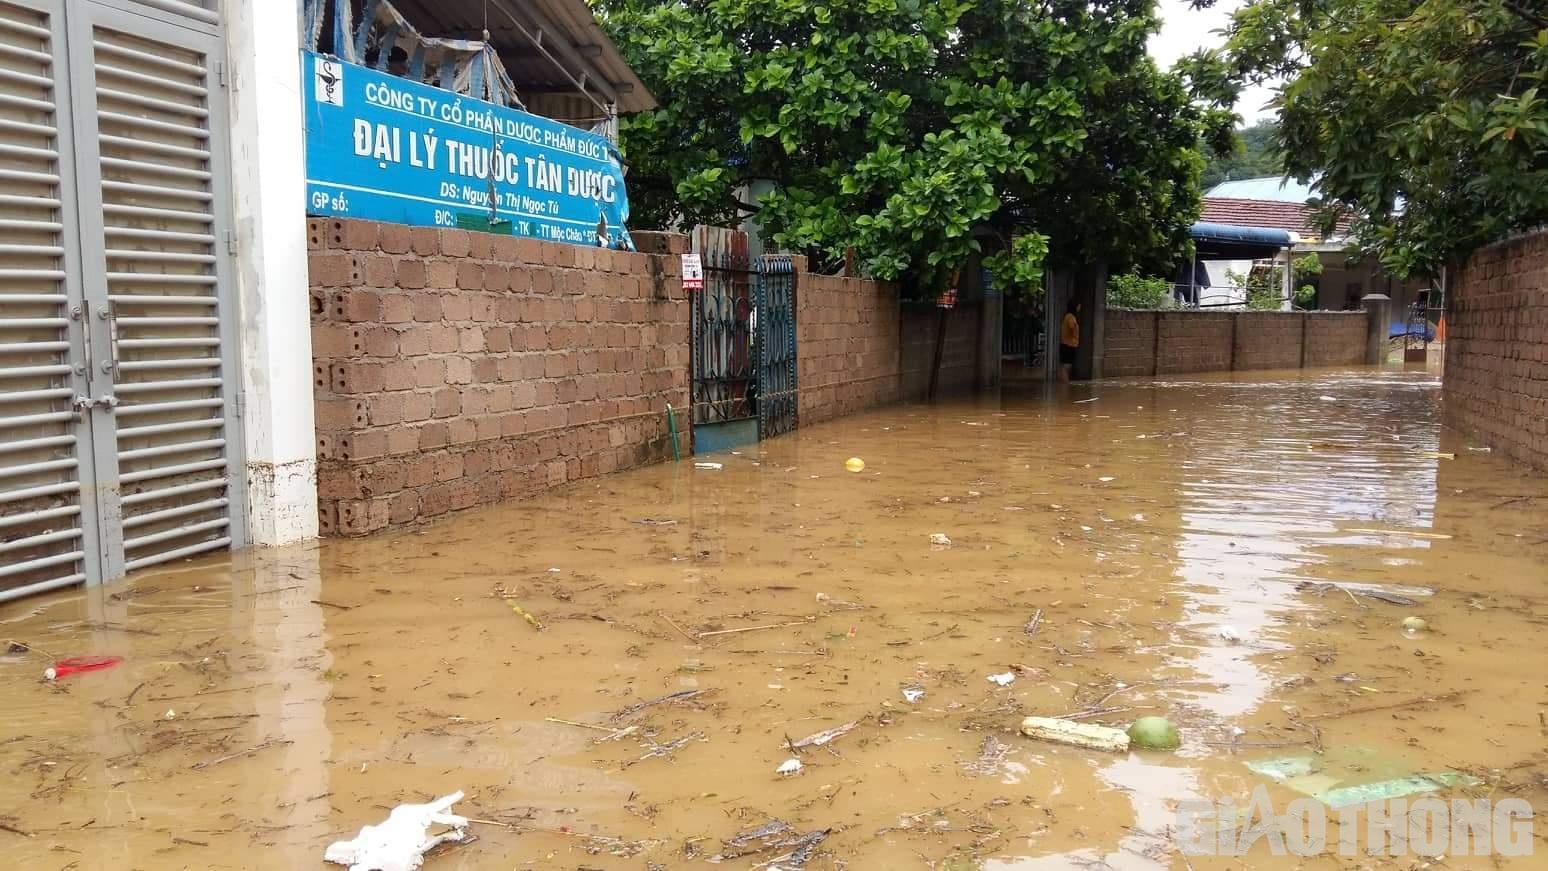 Mưa lũ khiến 1 người chết, hàng trăm ngôi nhà ở Sơn La bị ngập sâu - Ảnh 5